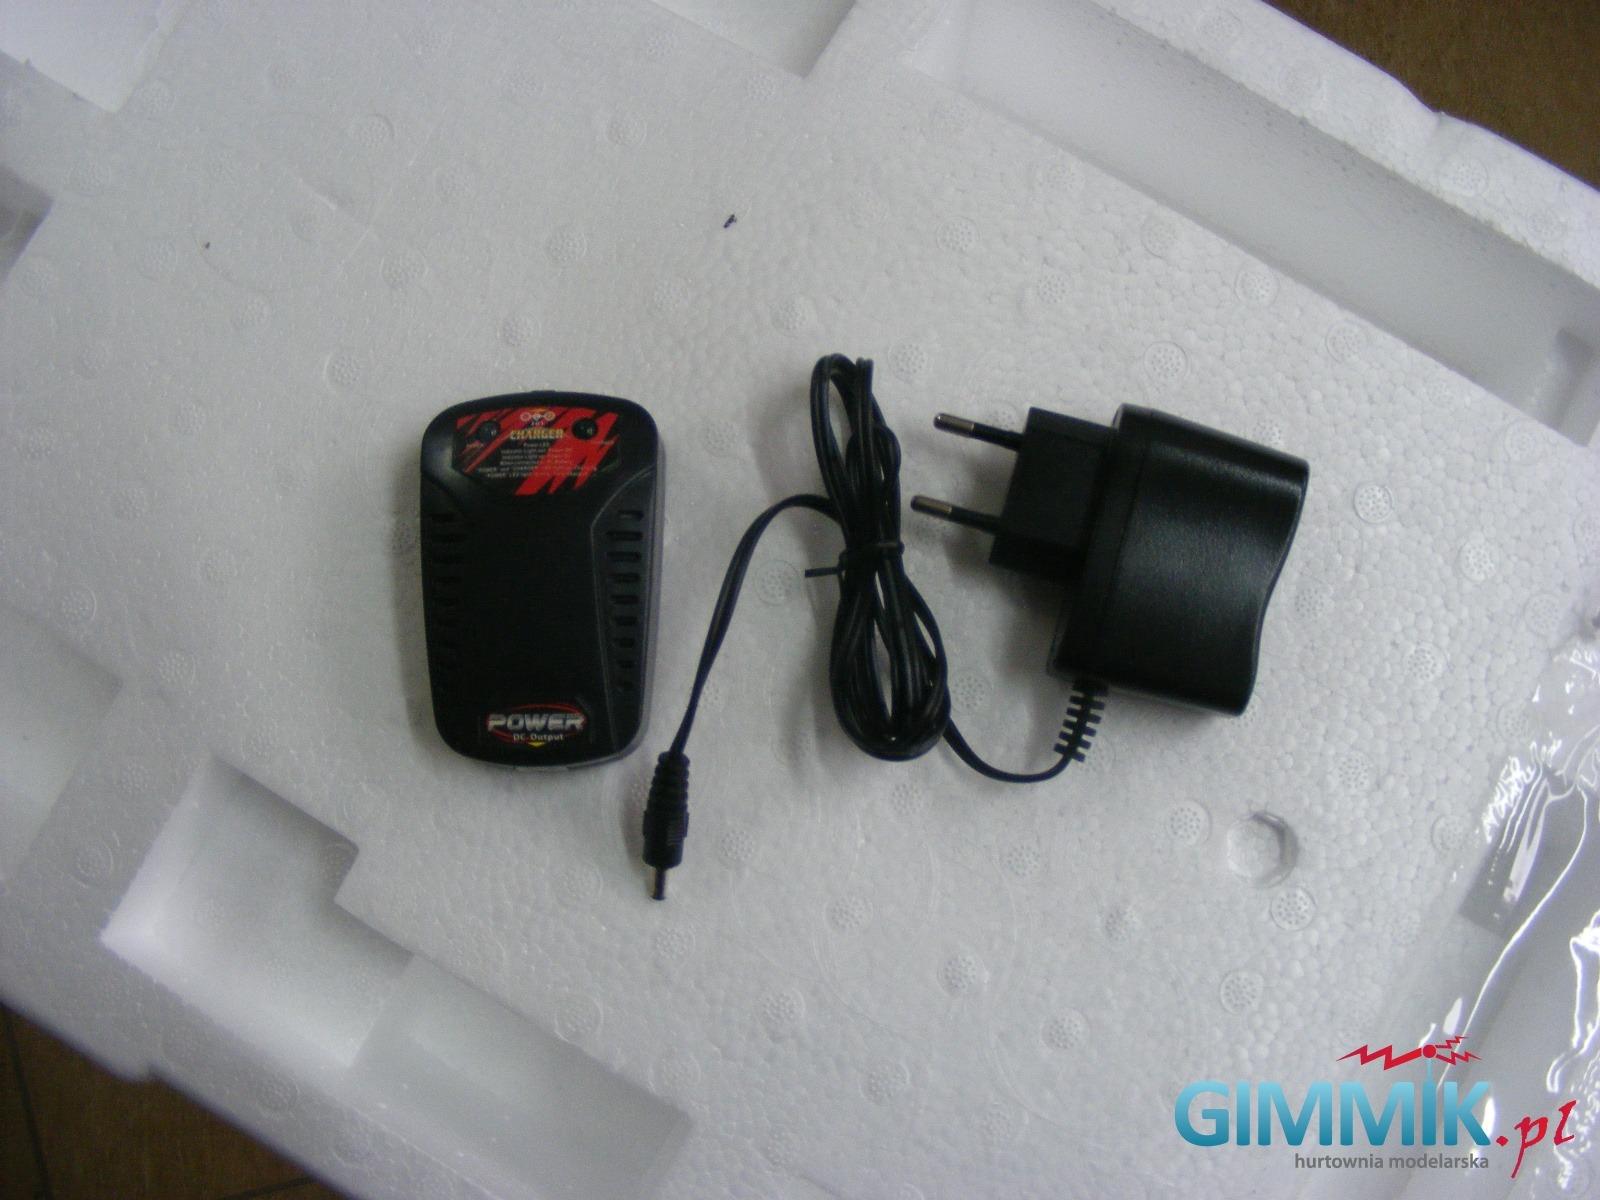 Ładowarka do akumulatora symy x8g